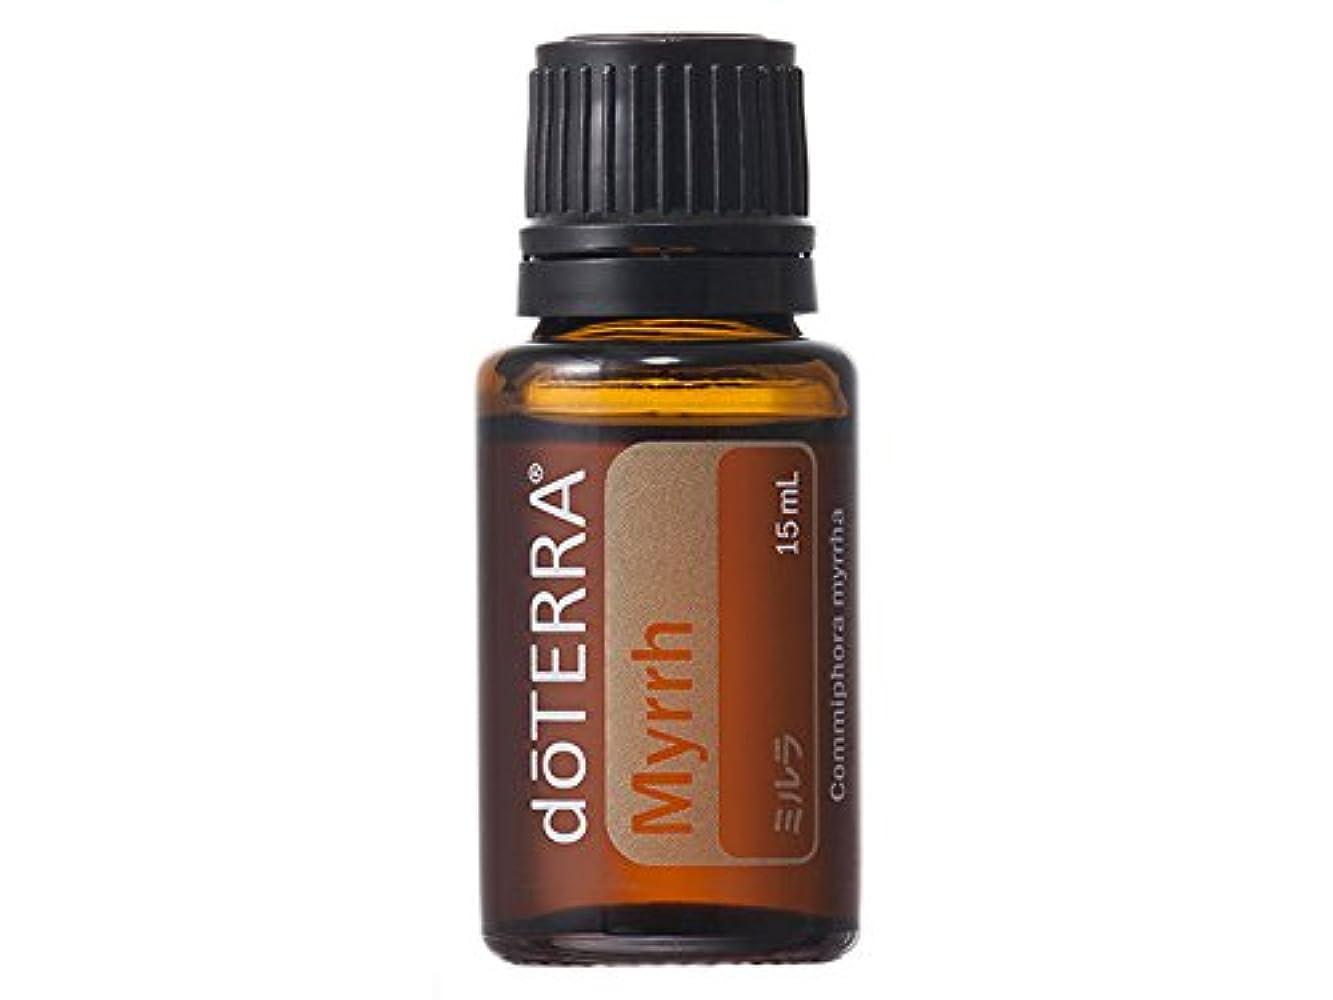 ハブブ青報告書doTERRA ドテラ ミルラ 15 ml アロマオイル エッセンシャルオイル シングルオイル 精油 樹皮系 没薬 もつやく